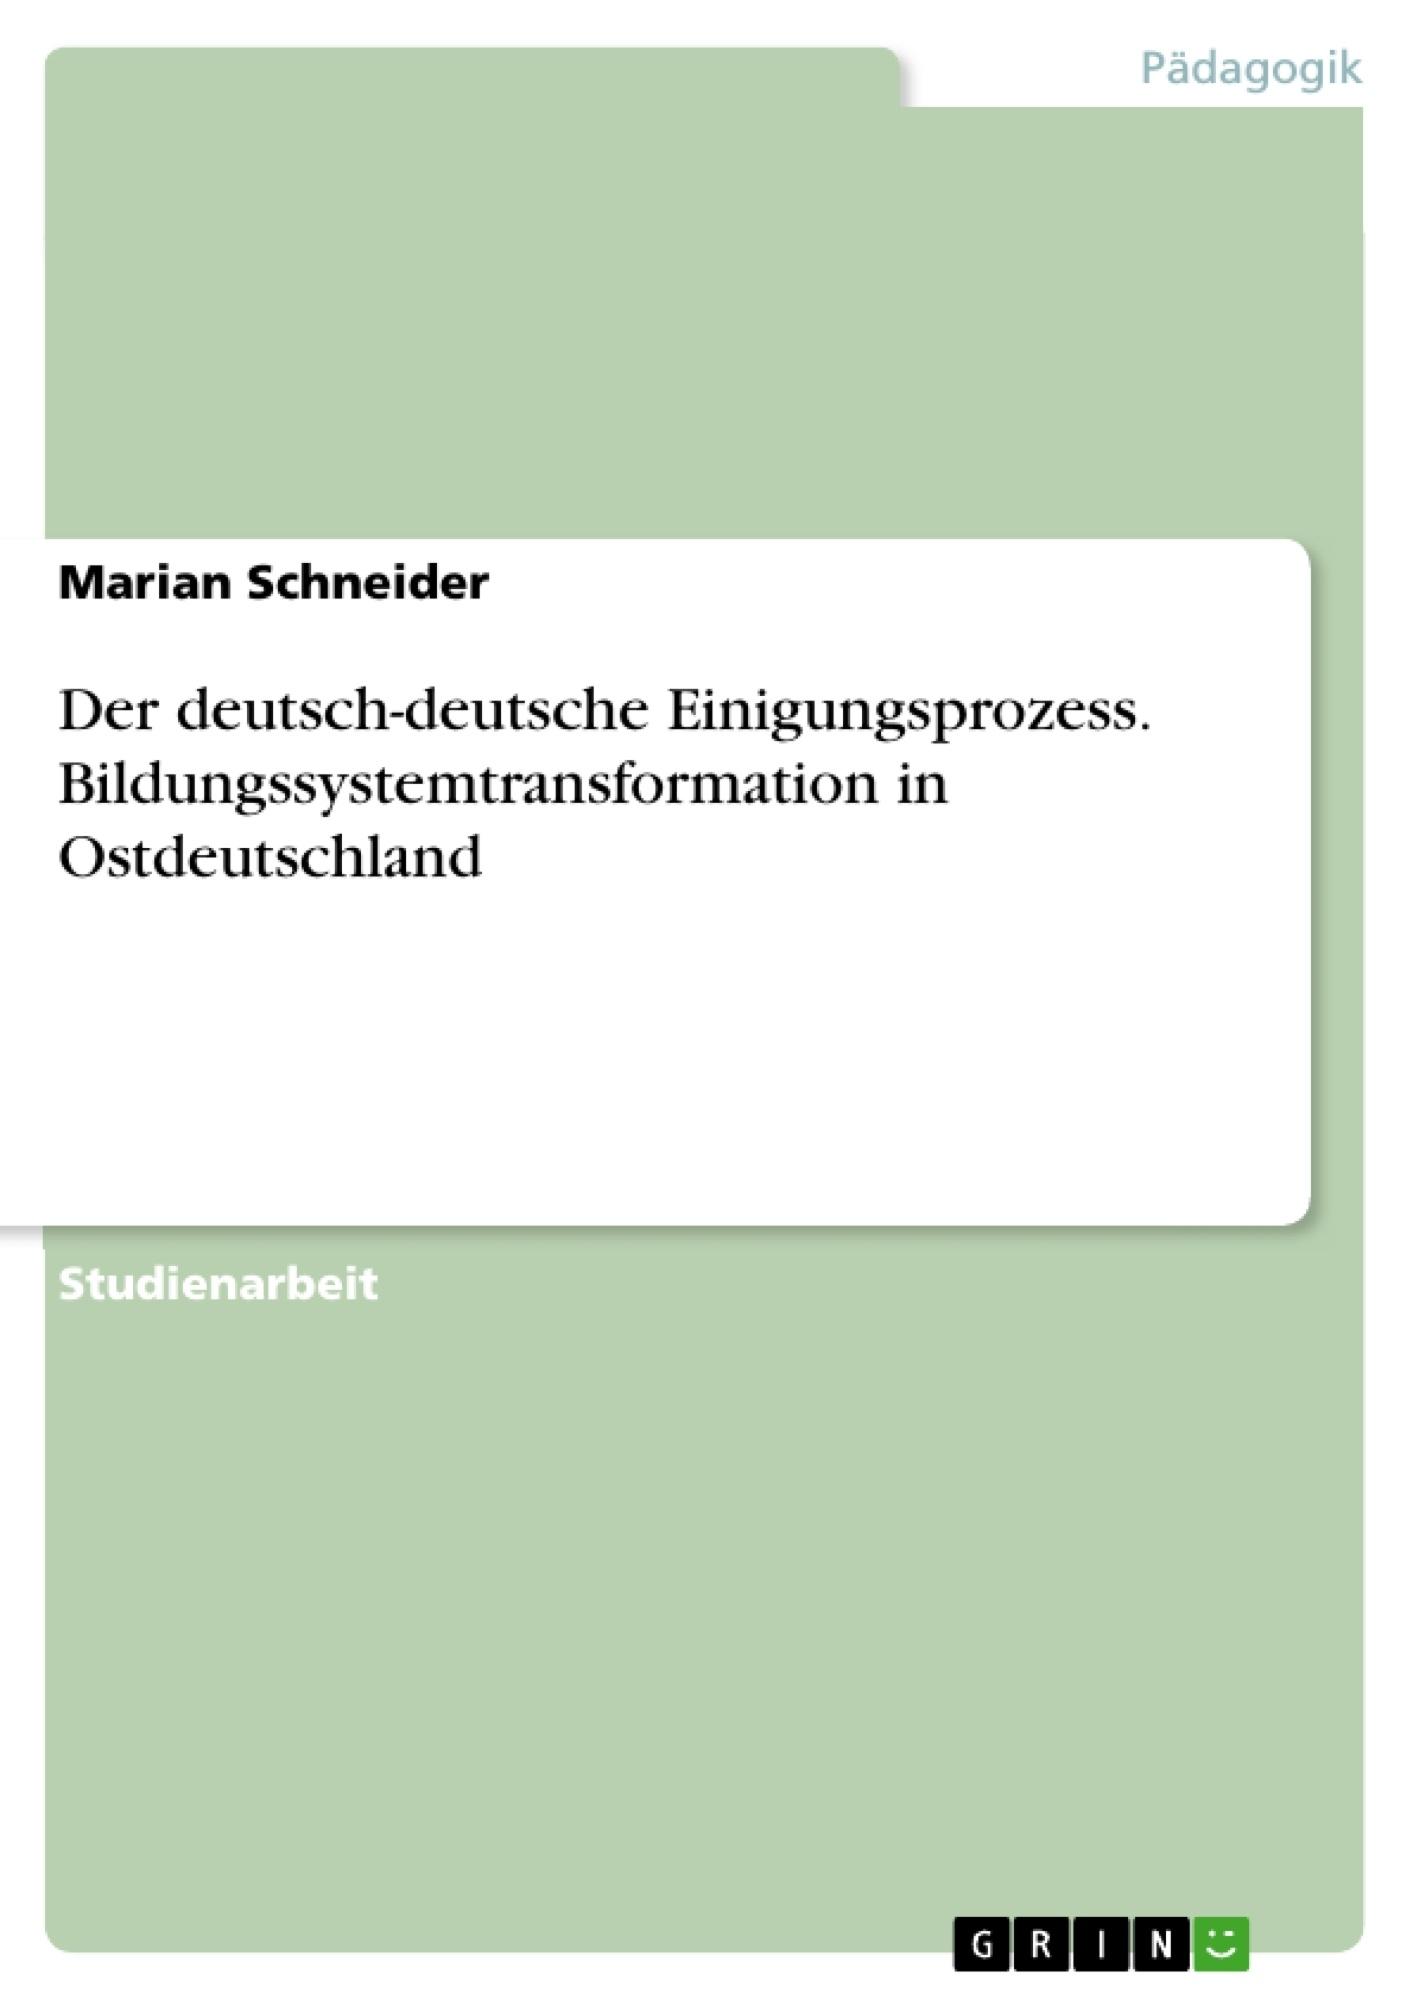 Titel: Der deutsch-deutsche Einigungsprozess. Bildungssystemtransformation in Ostdeutschland